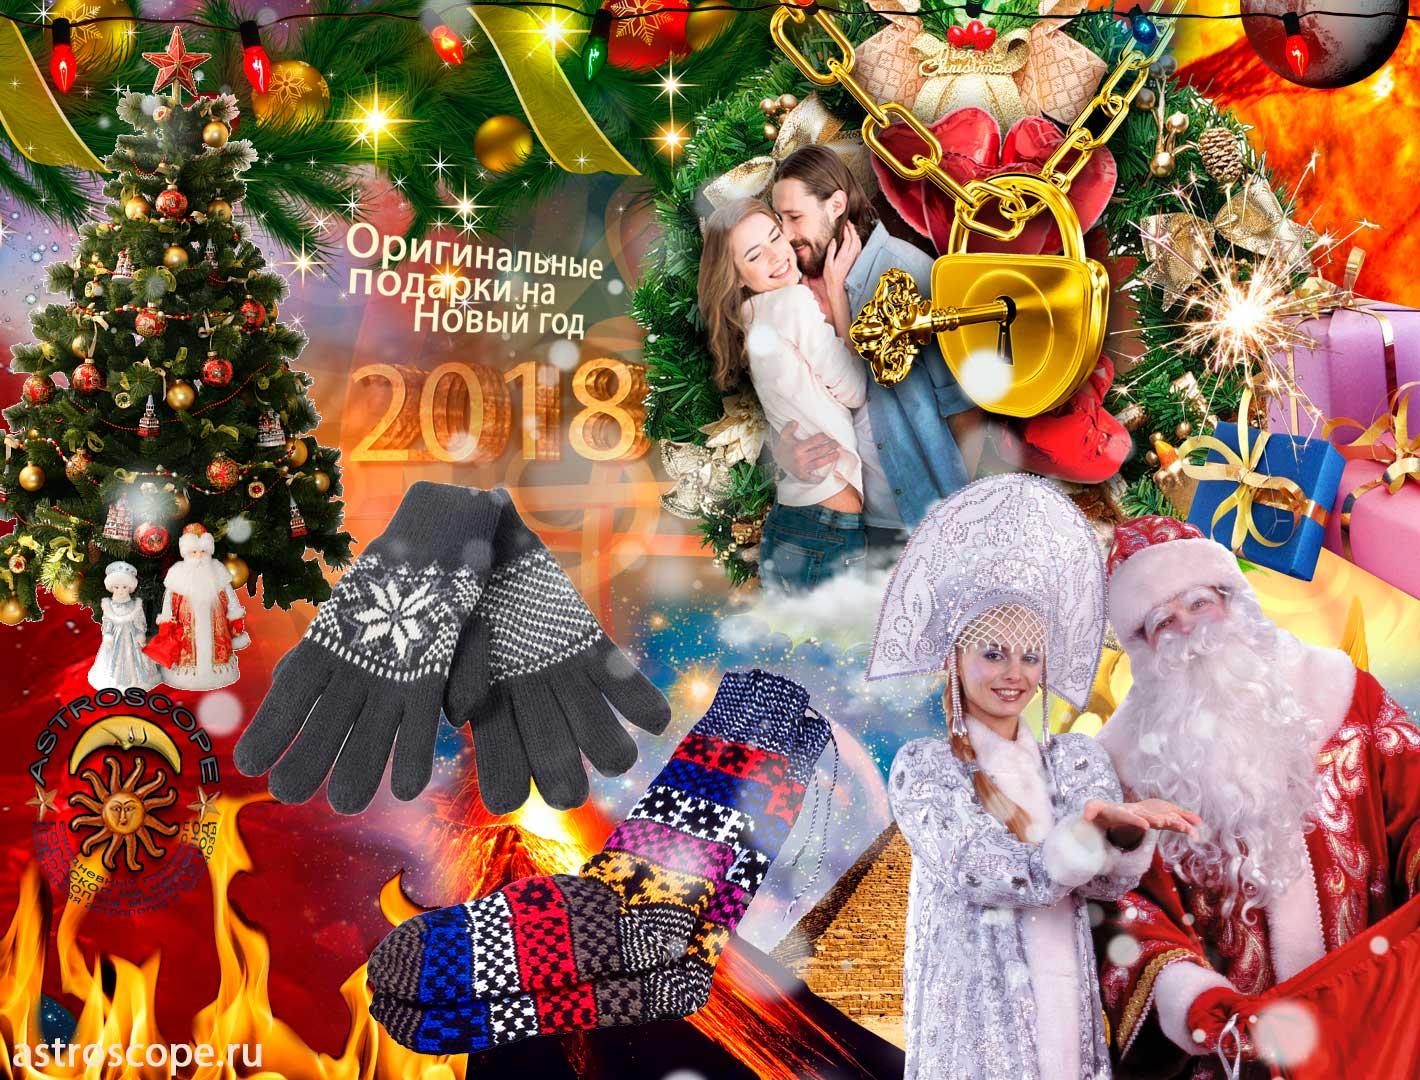 Новый год 2018: что подарить на новый год